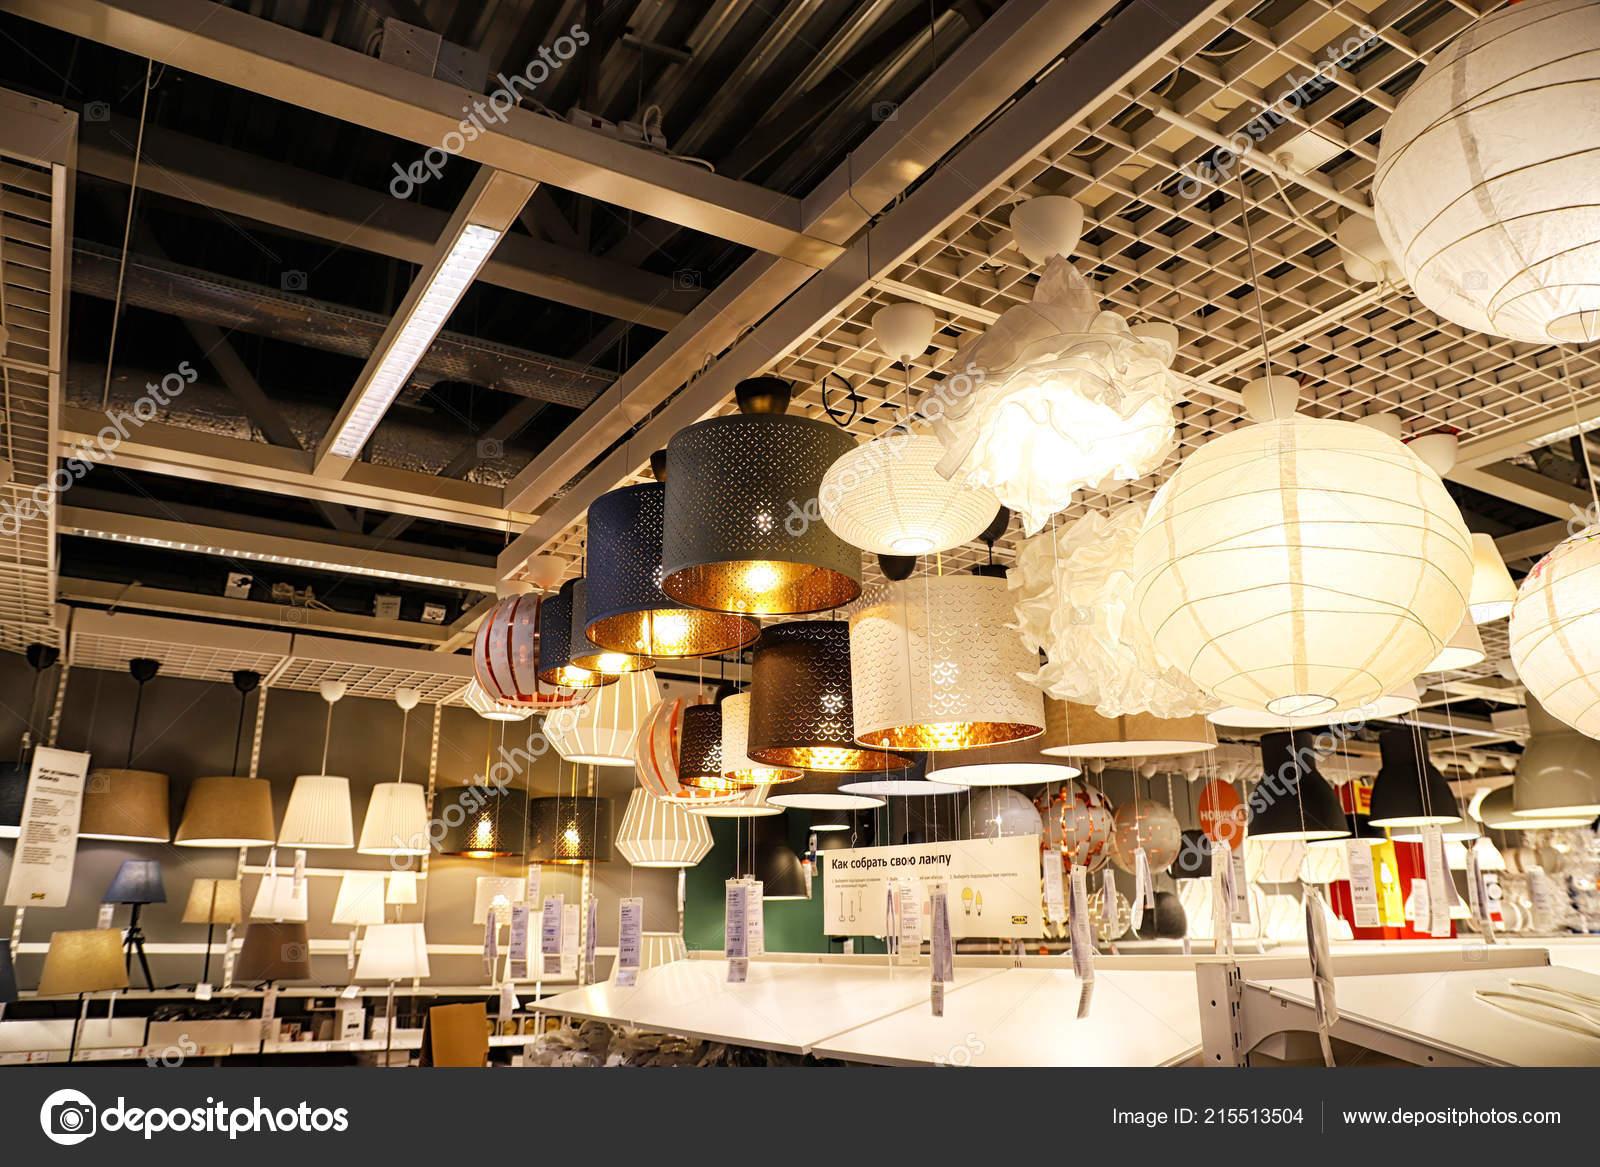 Kazan russia agosto 2018 interno del grande negozio ikea con u2014 foto